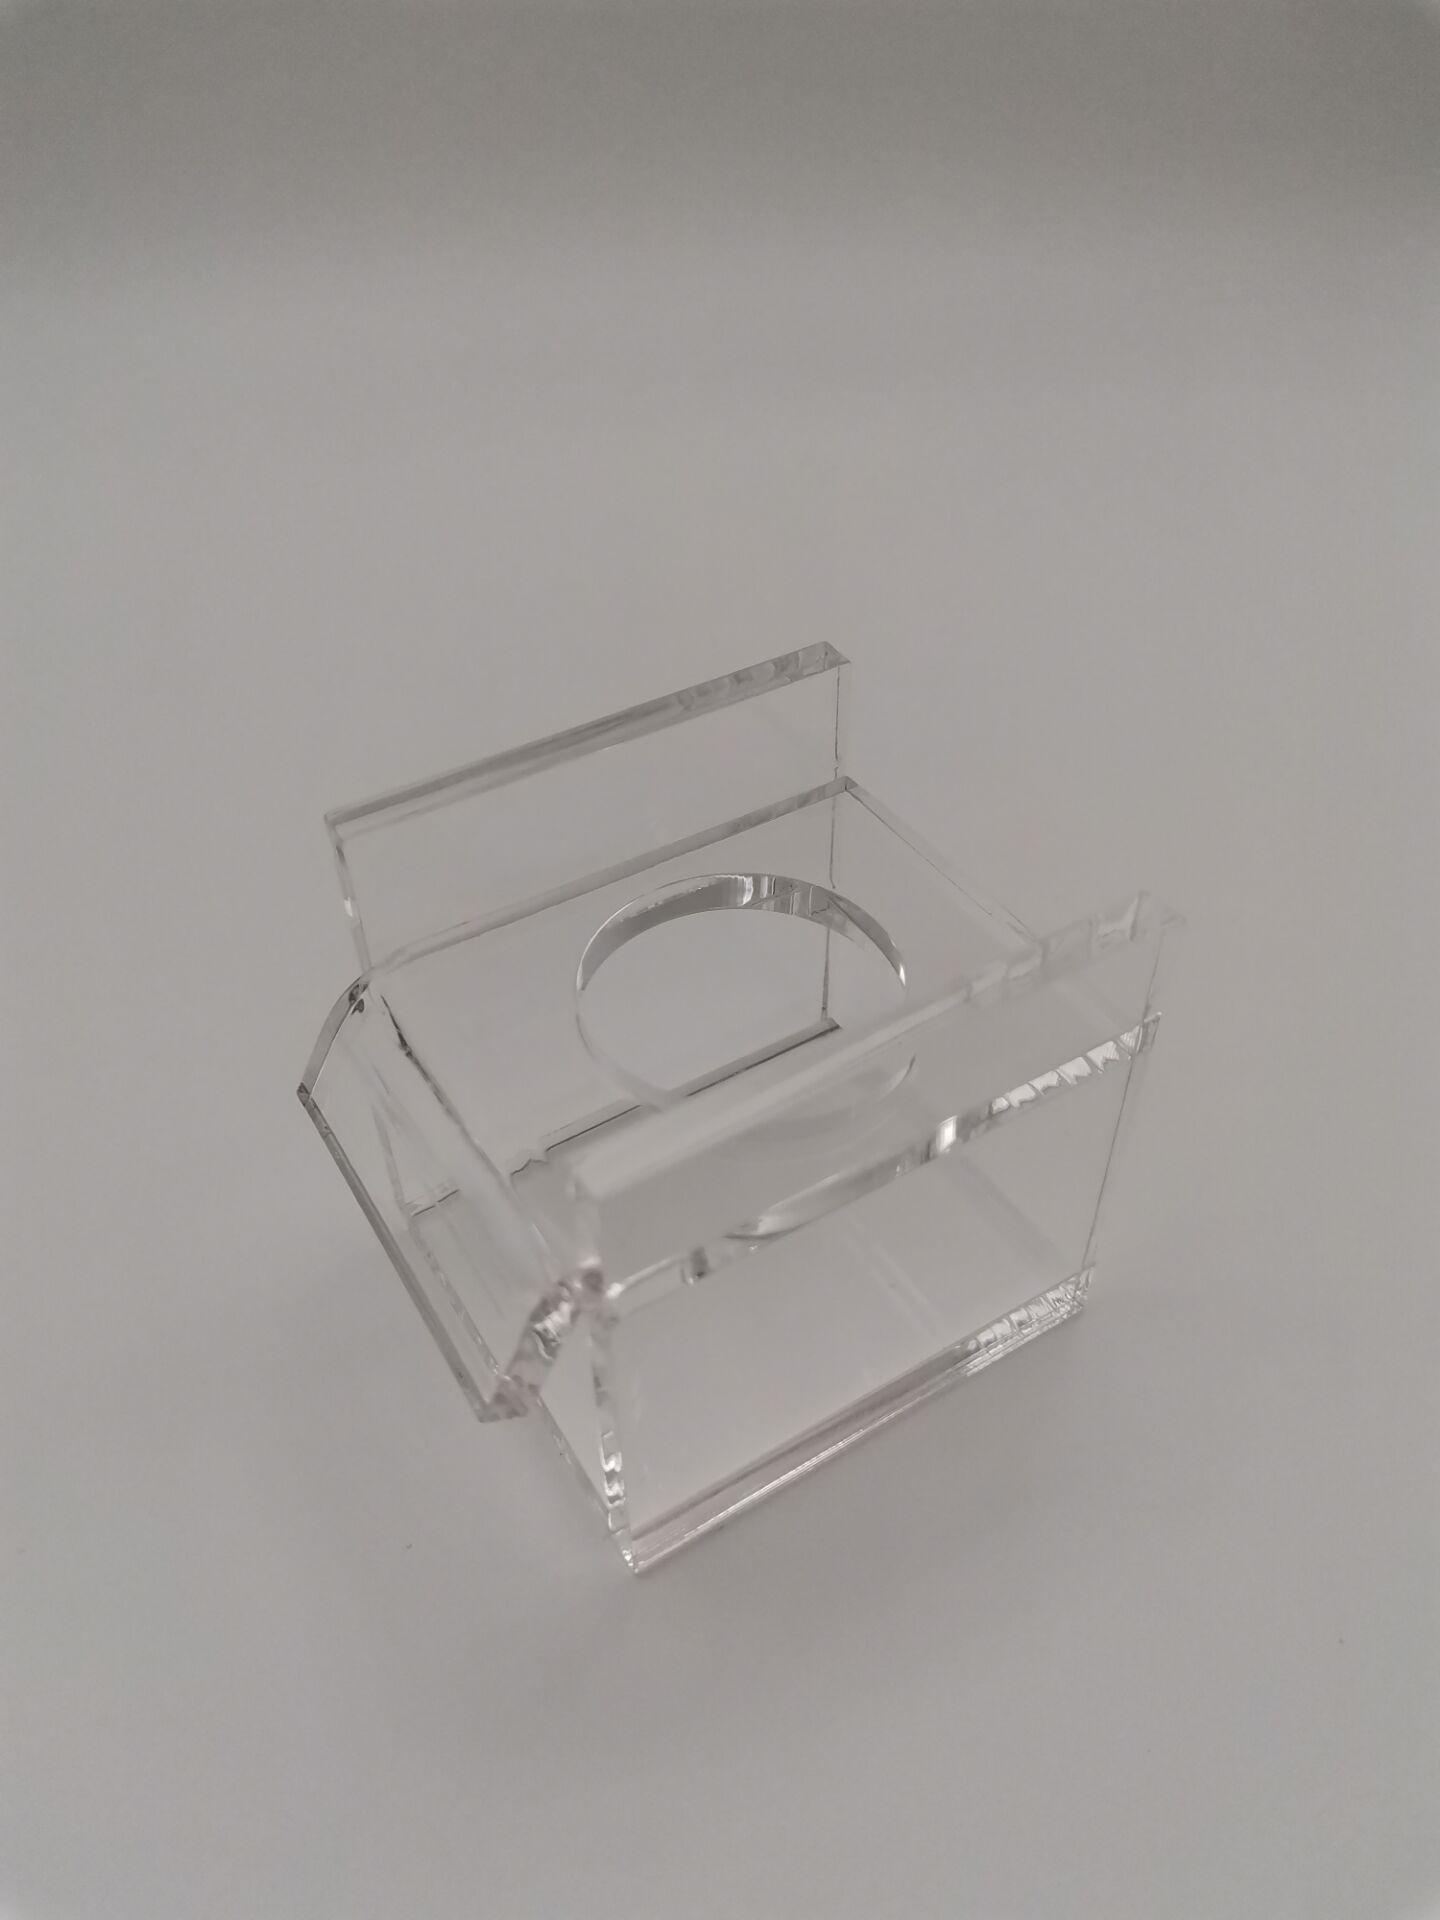 安君有机玻璃亚压克力制品厂家直供定制汽车摩托车马达展示架